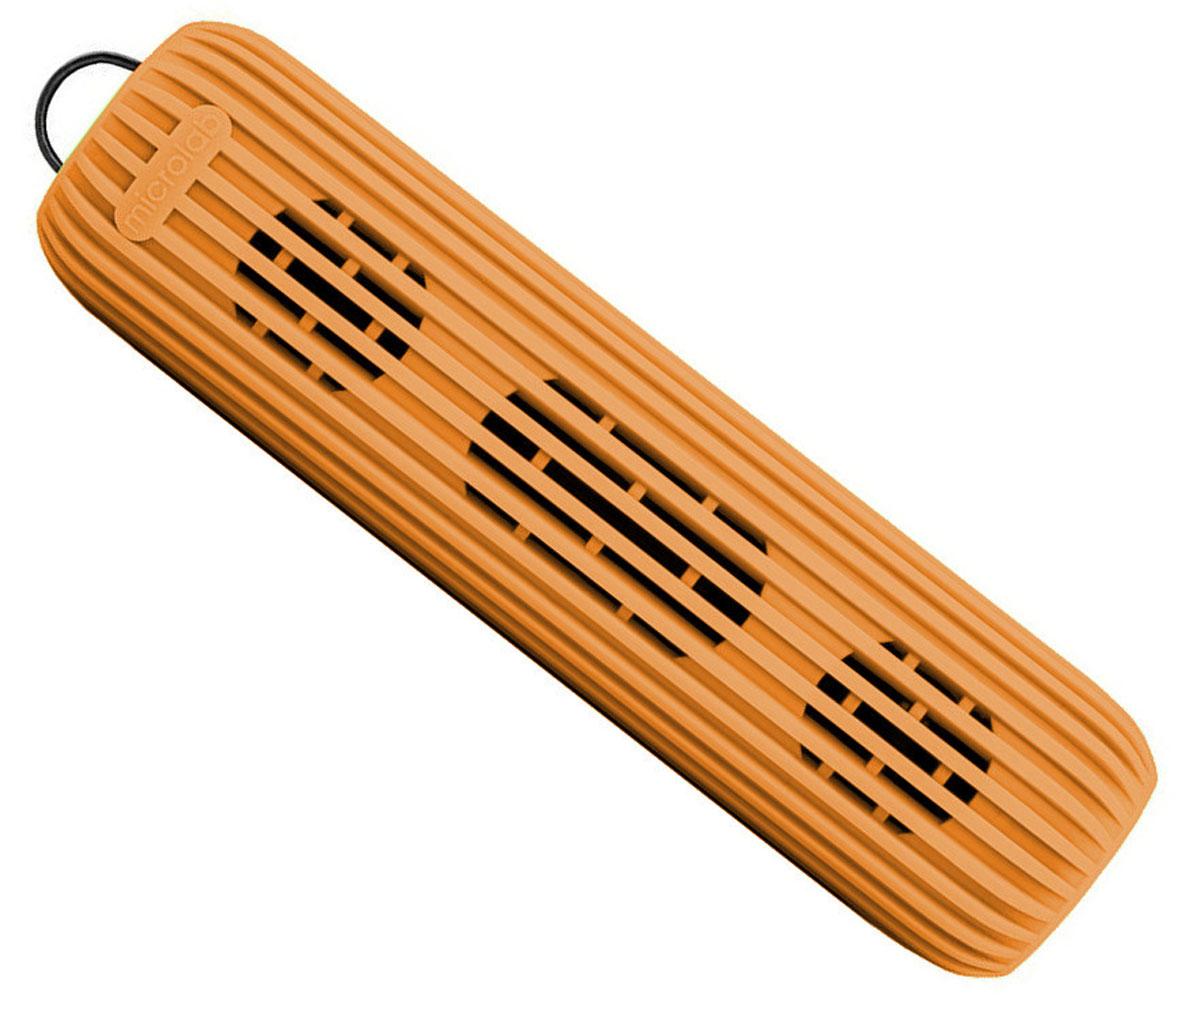 Microlab D21, Orange портативная акустическая система80530Акустическая система необычной формы и дизайна ориентирована на людей, ведущих активный образ жизни. D21способна стать прекрасным спутником как на небольшом пикнике на природе, так и в долгом походе. Благодарясиликоновому покрытию корпуса, сателлит прощает слушателю небольшие ударные воздействия, а такжепрекрасно переносит как росу, так и небольшой дождик, что наряду с пылью, может стать фатальным для другихпортативных акустических систем.Небольшие размеры обеспечивают портативность системы, она не занимает много места и поместится в любомрюкзаке или сумке, а идущий в комплекте шнурок способен закрепить сателлит в походном варианте, позволяяизбежать потери колонки.В Bluetooth-режиме при входящем звонке на телефон, можно ответить на звонок через сателлит. Благодарявстроенному в колонку микрофону, телефон искать не обязательно.Колонка способна воспроизводить музыку без источника звука. Чтобы послушать музыку, вам не обязательноразряжать собственный телефон, достаточно вставить Micro SD-card в колонку и наслаждаться любимымимелодиями.Многообразие цветов. Microlab D21 представлена в 5 цветах, можно выбрать ту расцветку, которая подходитименно вам.Литиевая батарея: 3,7 В; 1200 мАч